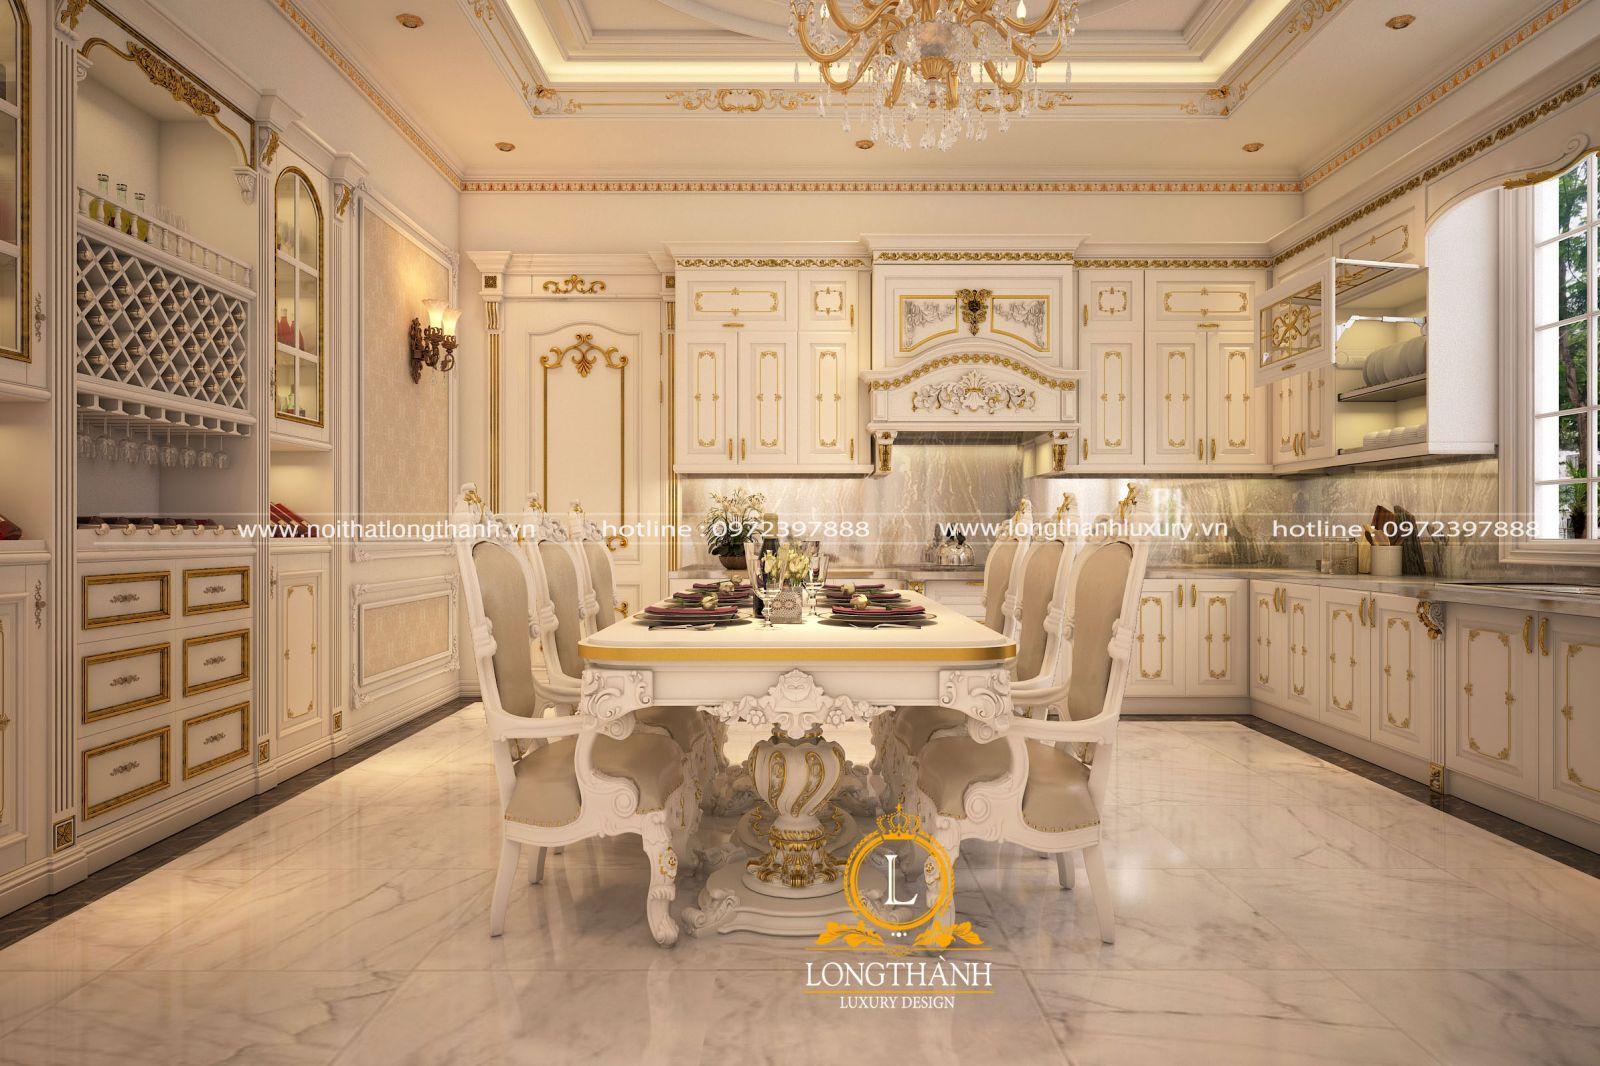 Đồ nội thất tủ bếp tân cổ điển cao cấp phù hợp với mức đầu tư của chủ nhân